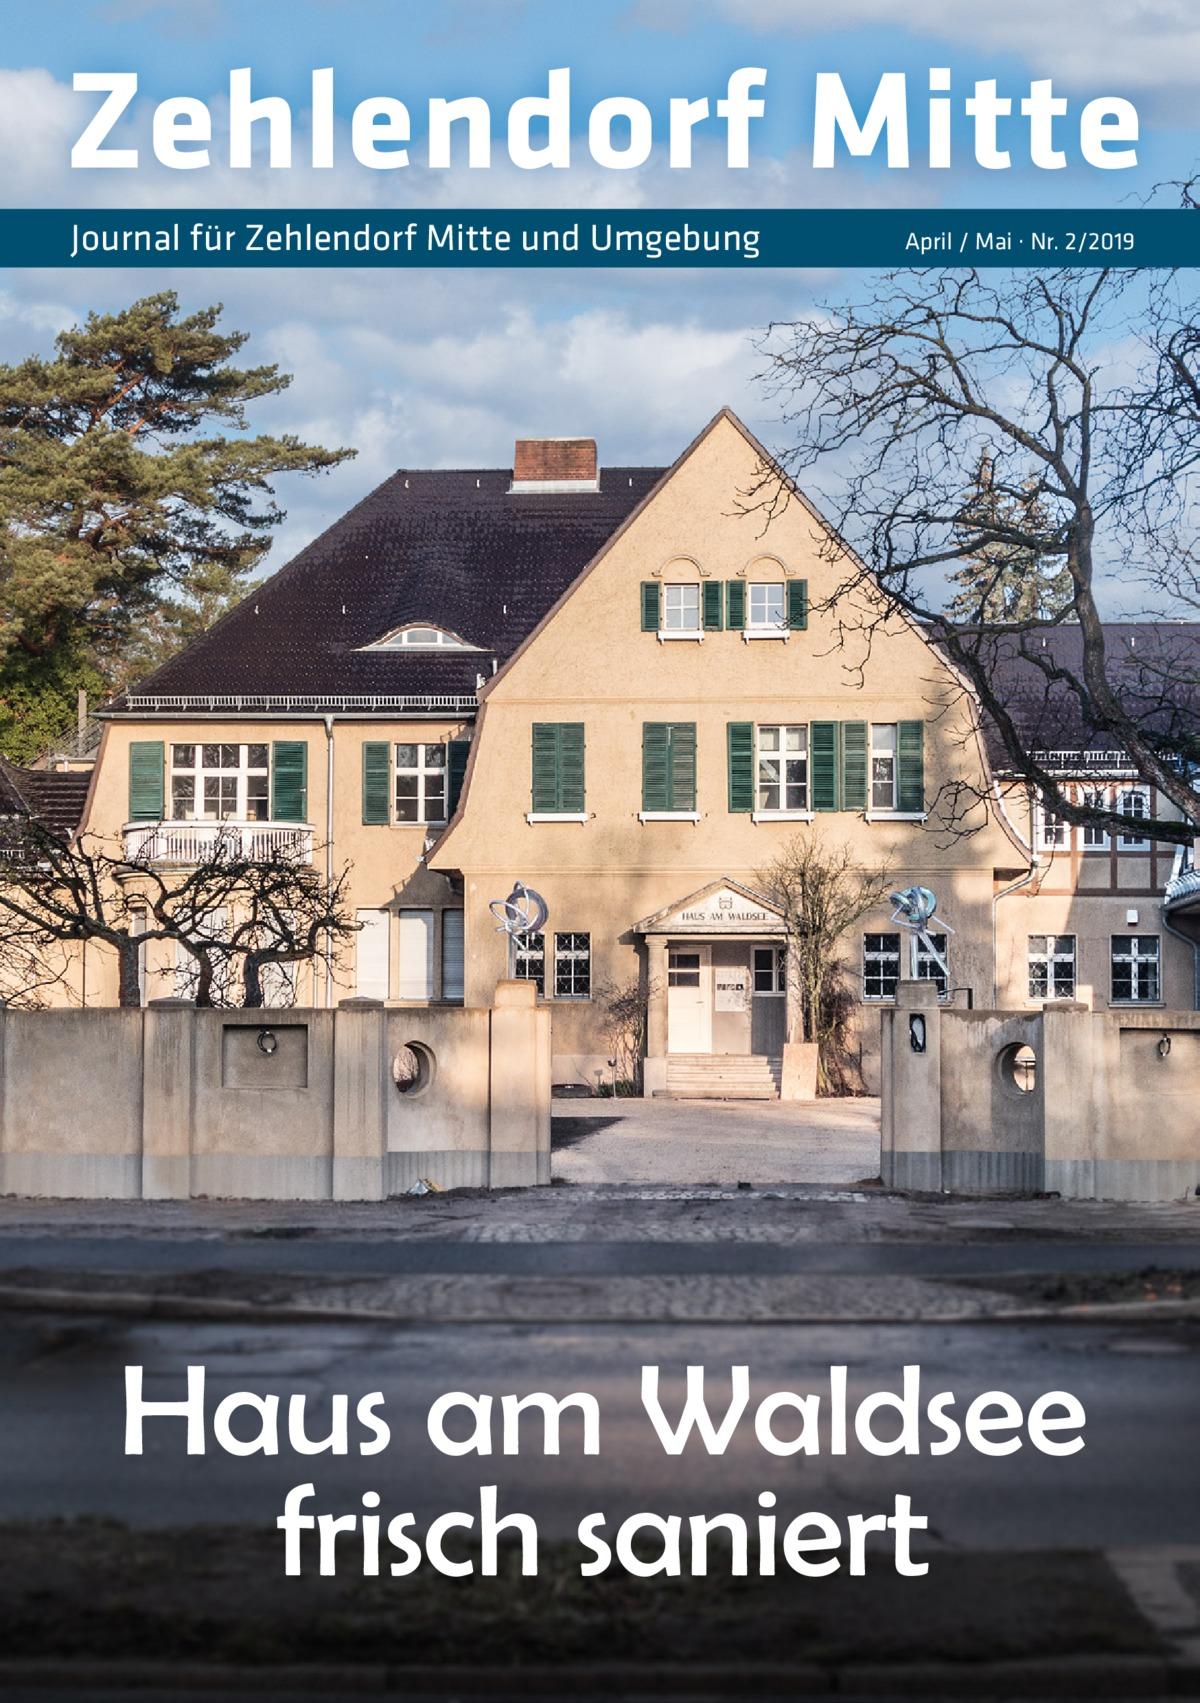 Zehlendorf Mitte Journal für Zehlendorf Mitte und Umgebung  April / Mai · Nr. 2/2019  Haus am Waldsee frisch saniert